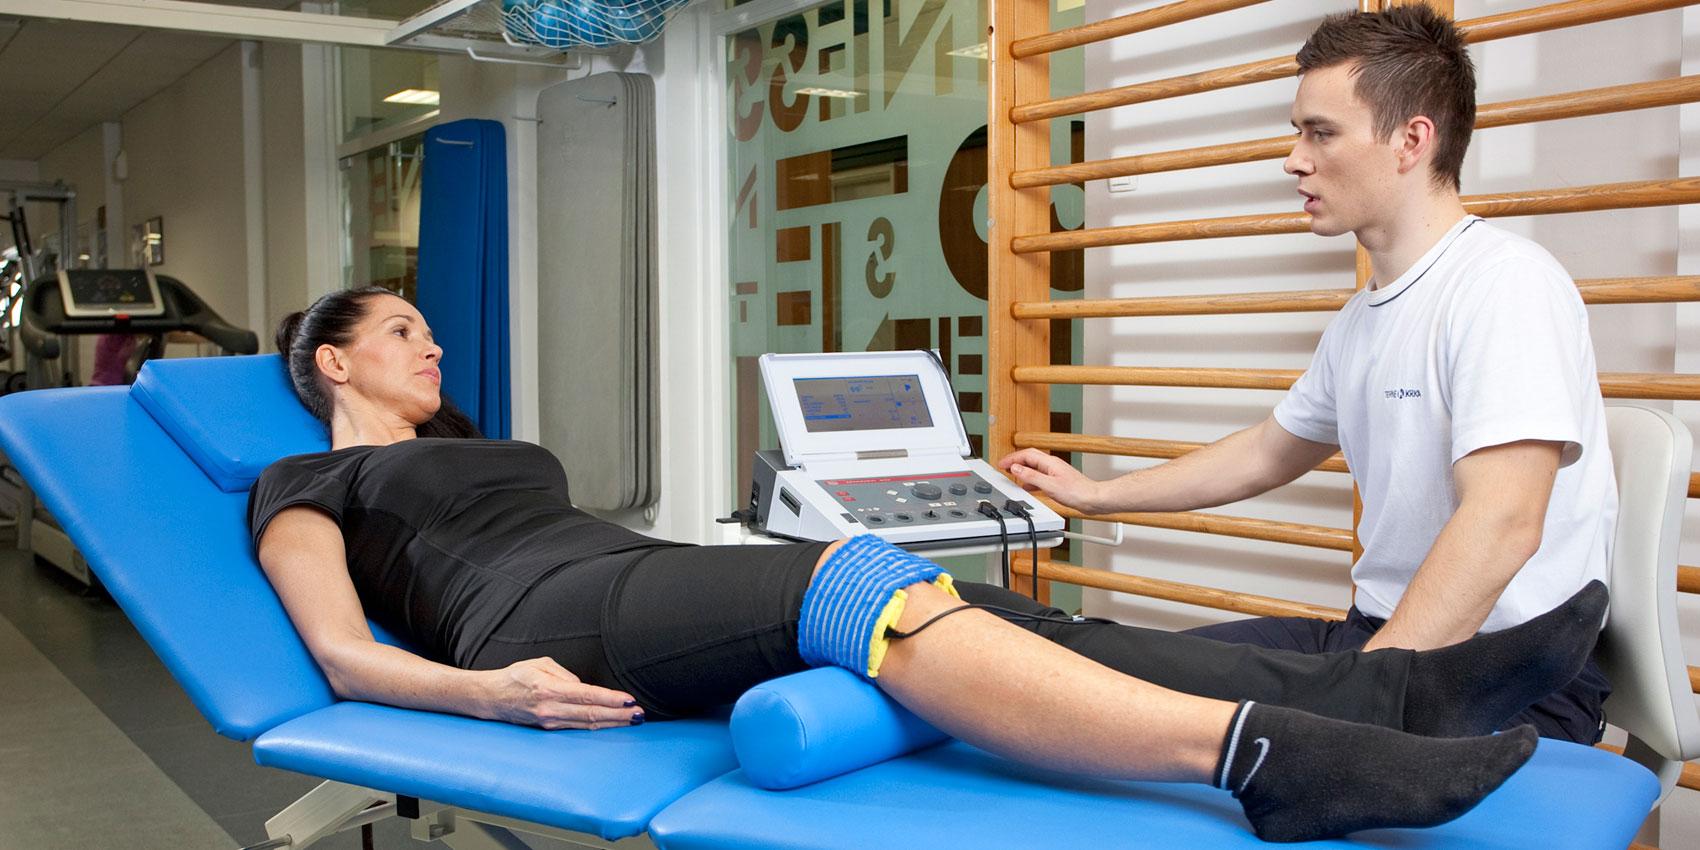 Riabilitazione di mantenimento dopo infortuni e interventi chirurgici al ginocchio